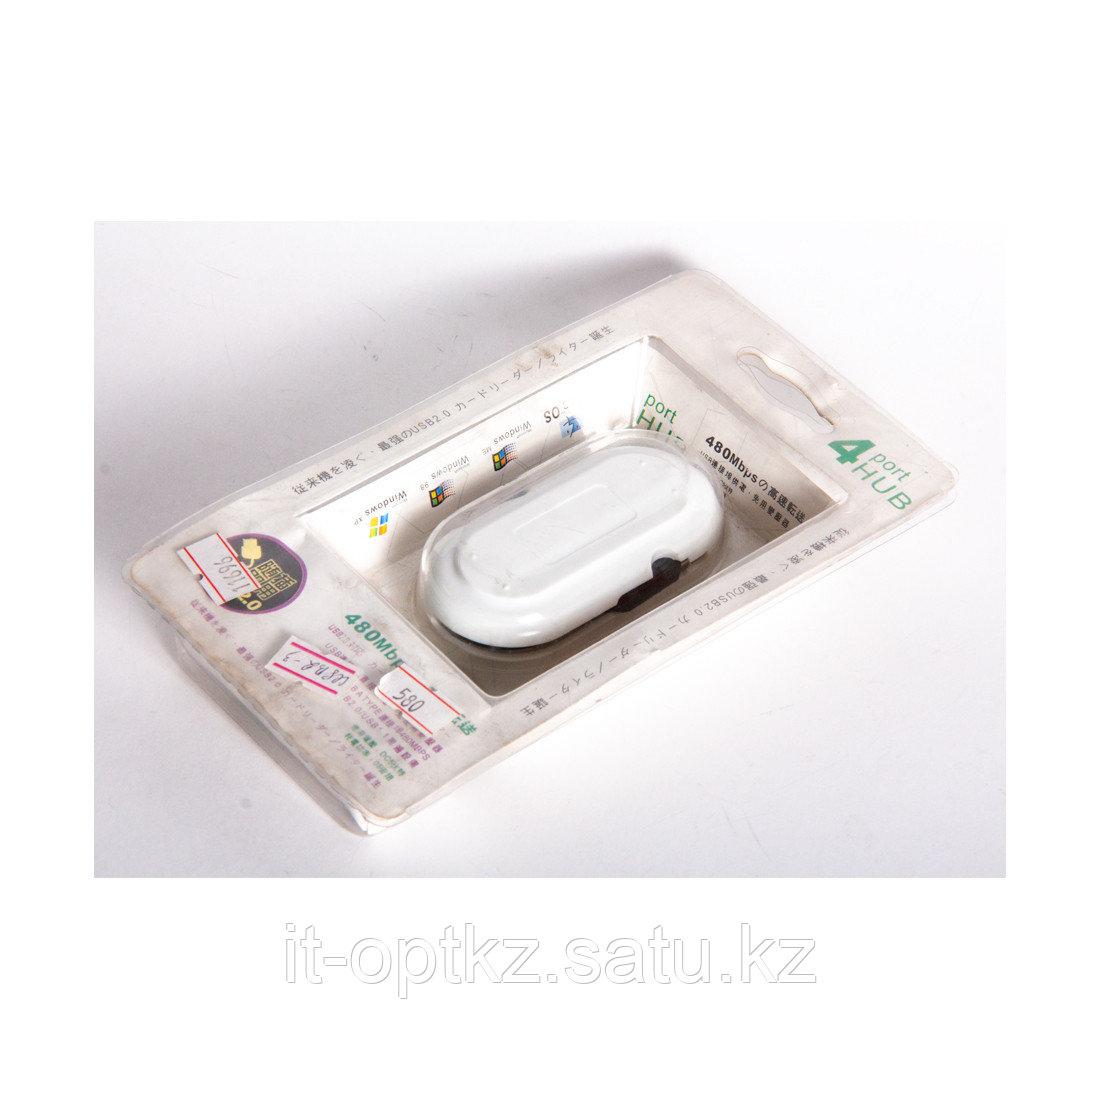 Расширитель USB HUB USB2-3